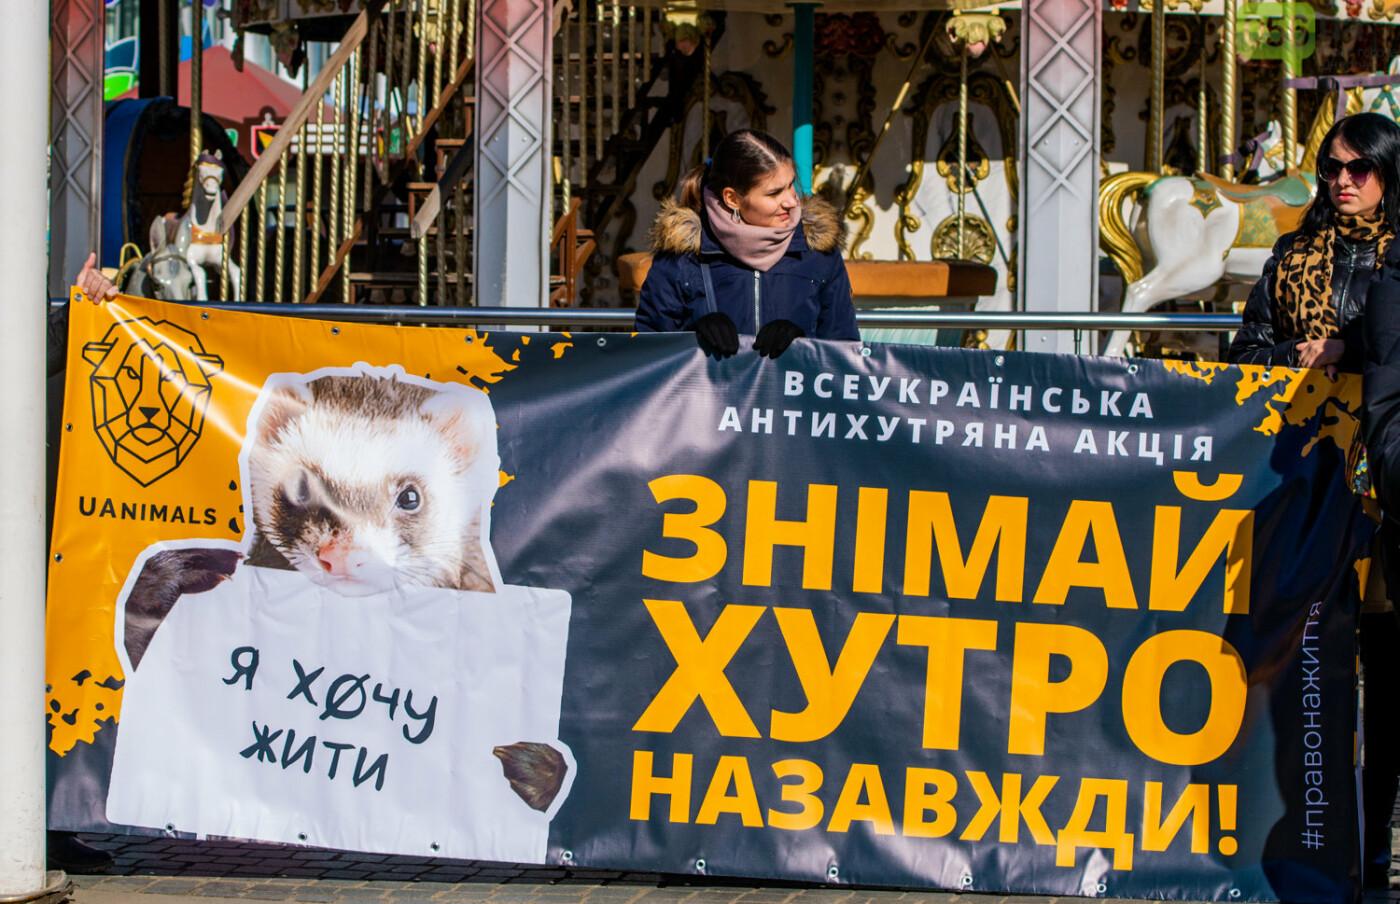 Полярная лиса, законопроект и кричащие плакаты: как в центре Днепра прошла антимеховая акция, - ФОТОРЕПОРТАЖ, ВИДЕО, фото-3